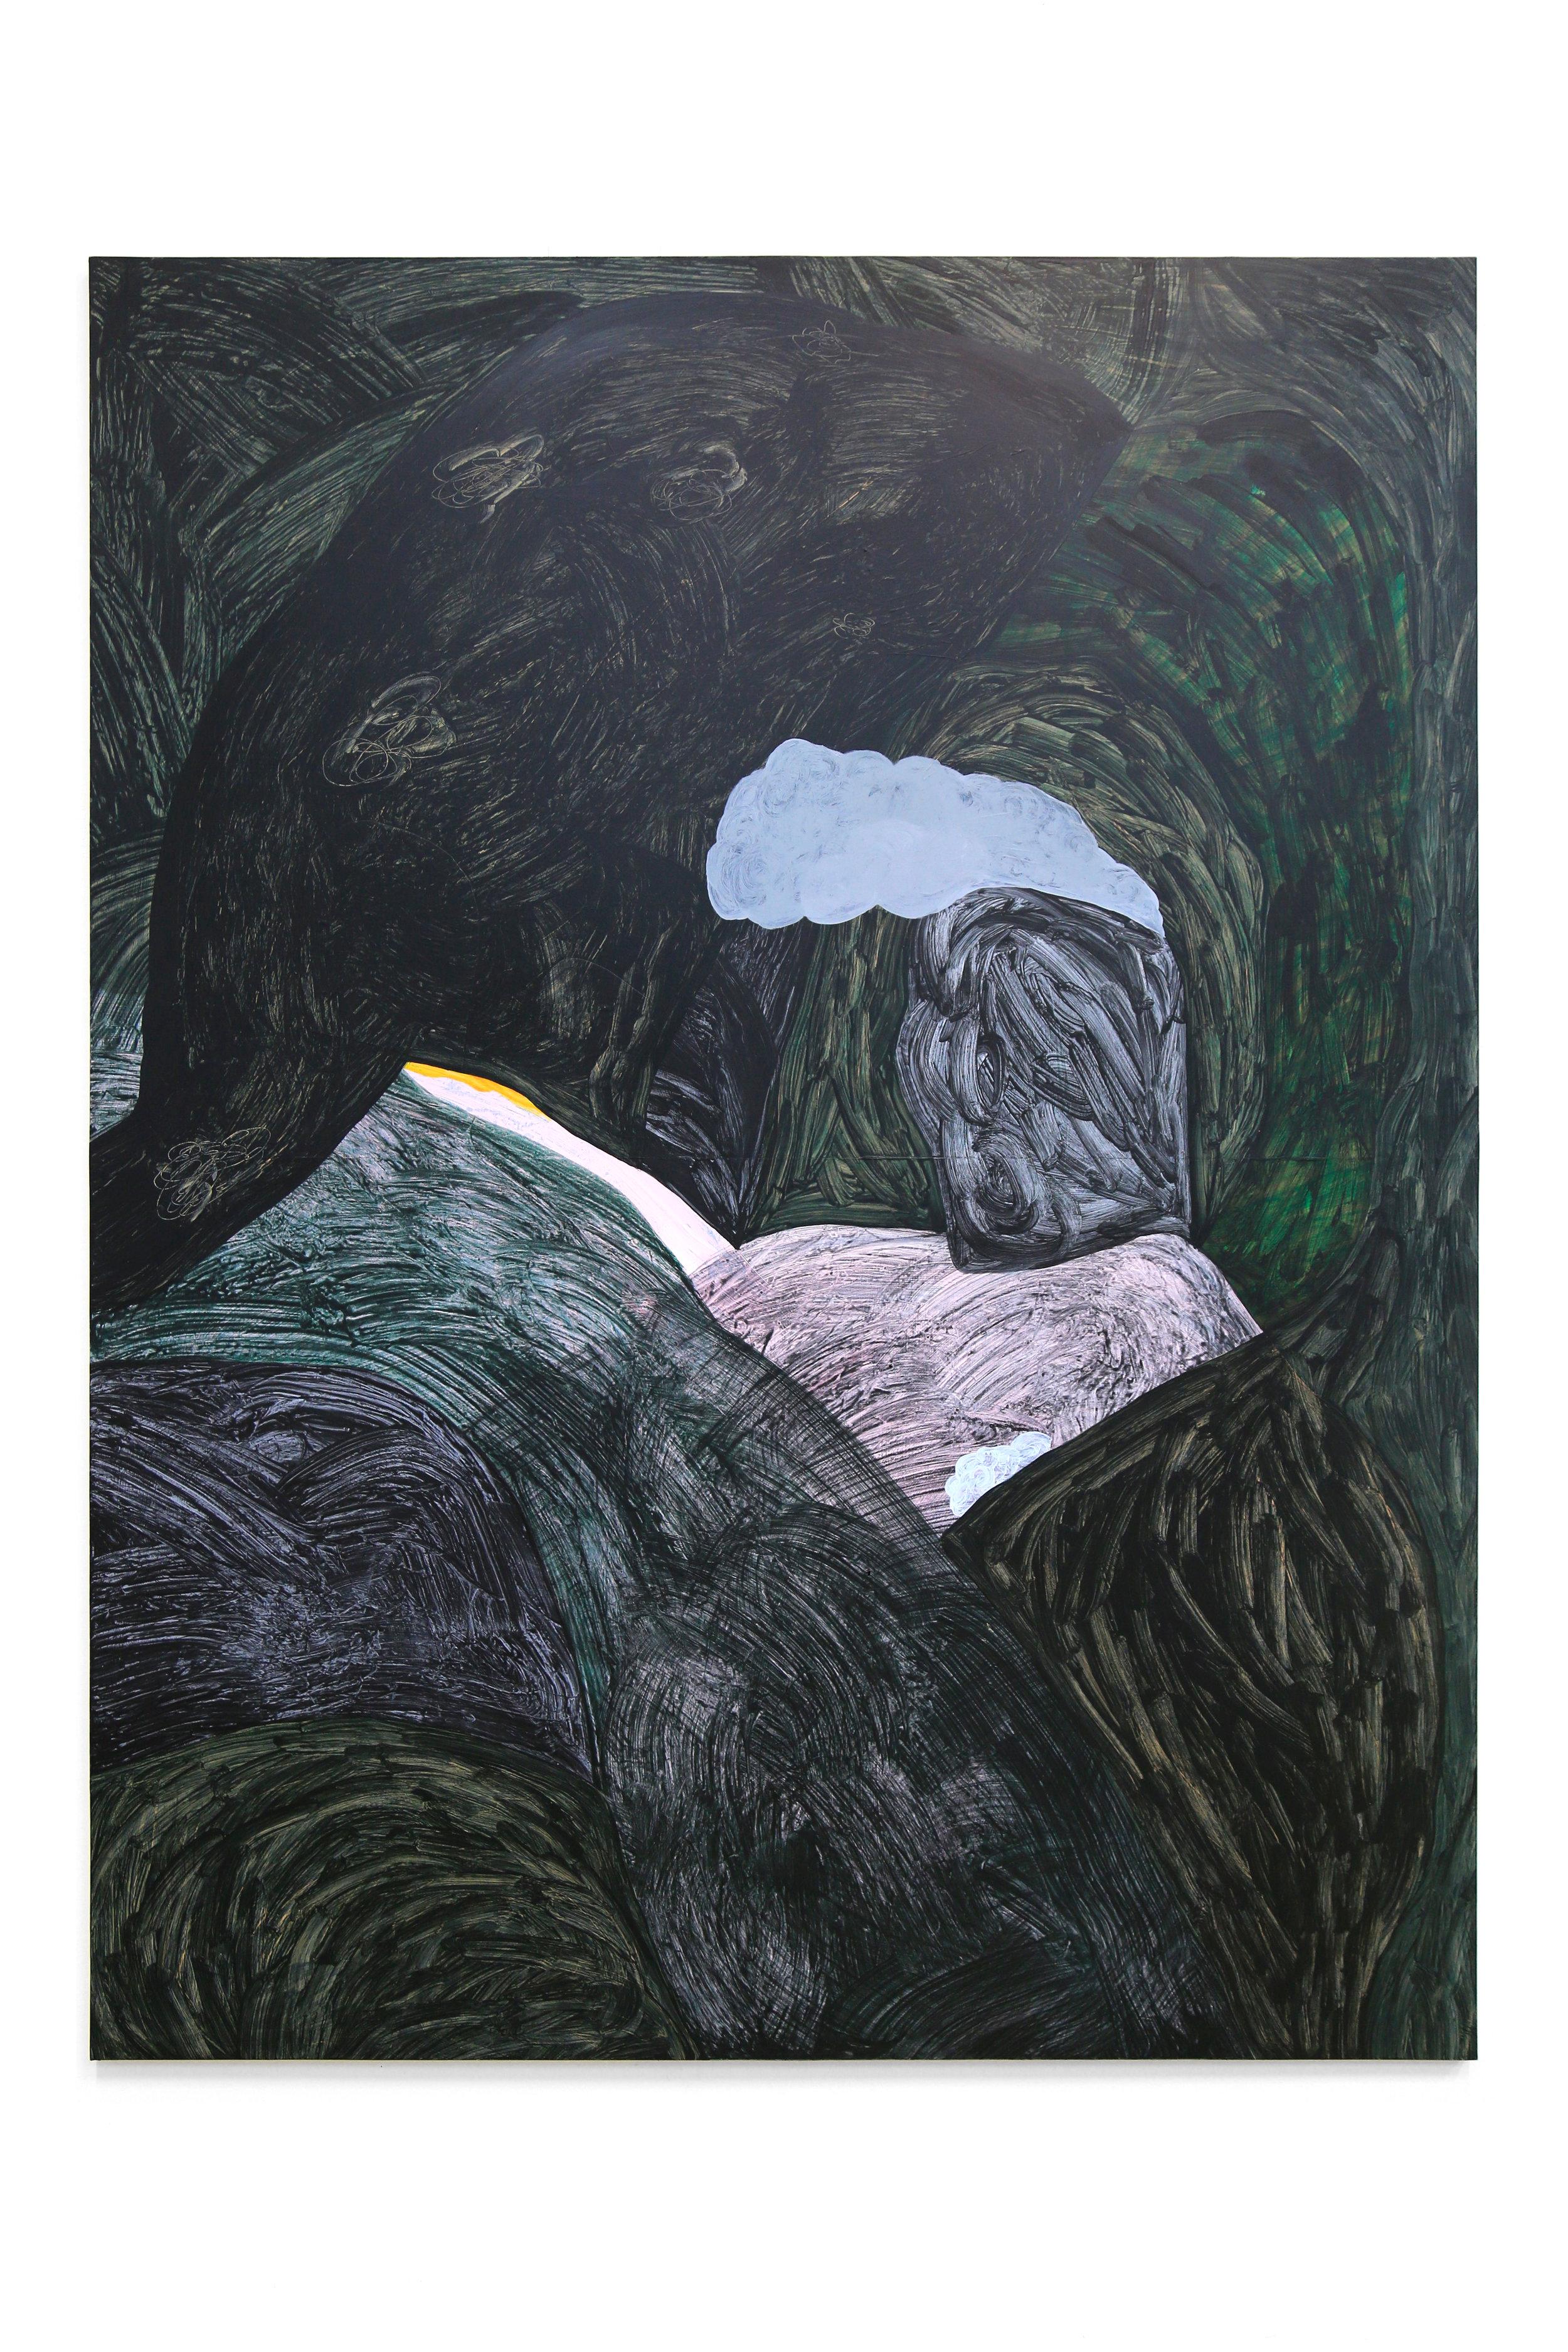 'Big Smoke', acrylic on wood panel, 170 x 120 cm, 2017.